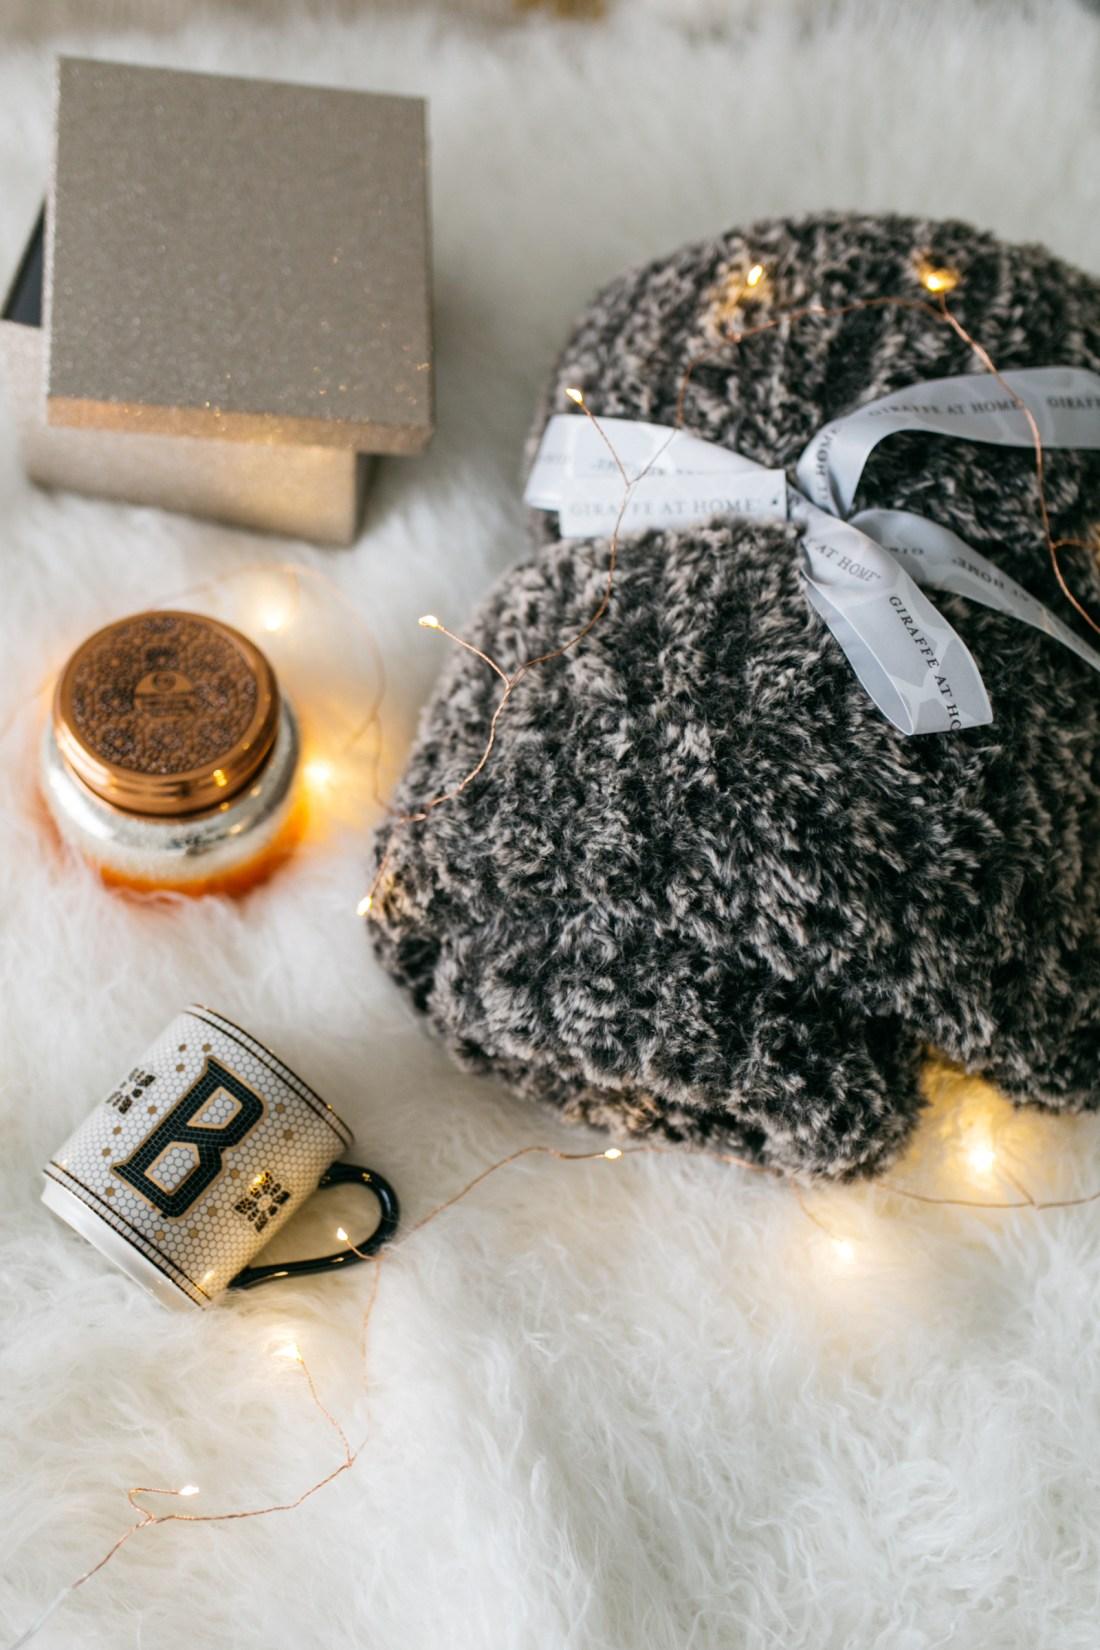 Giveaway - DAY 3: Little Giraffe blanket + initial coffee mug + Capri Blue candle